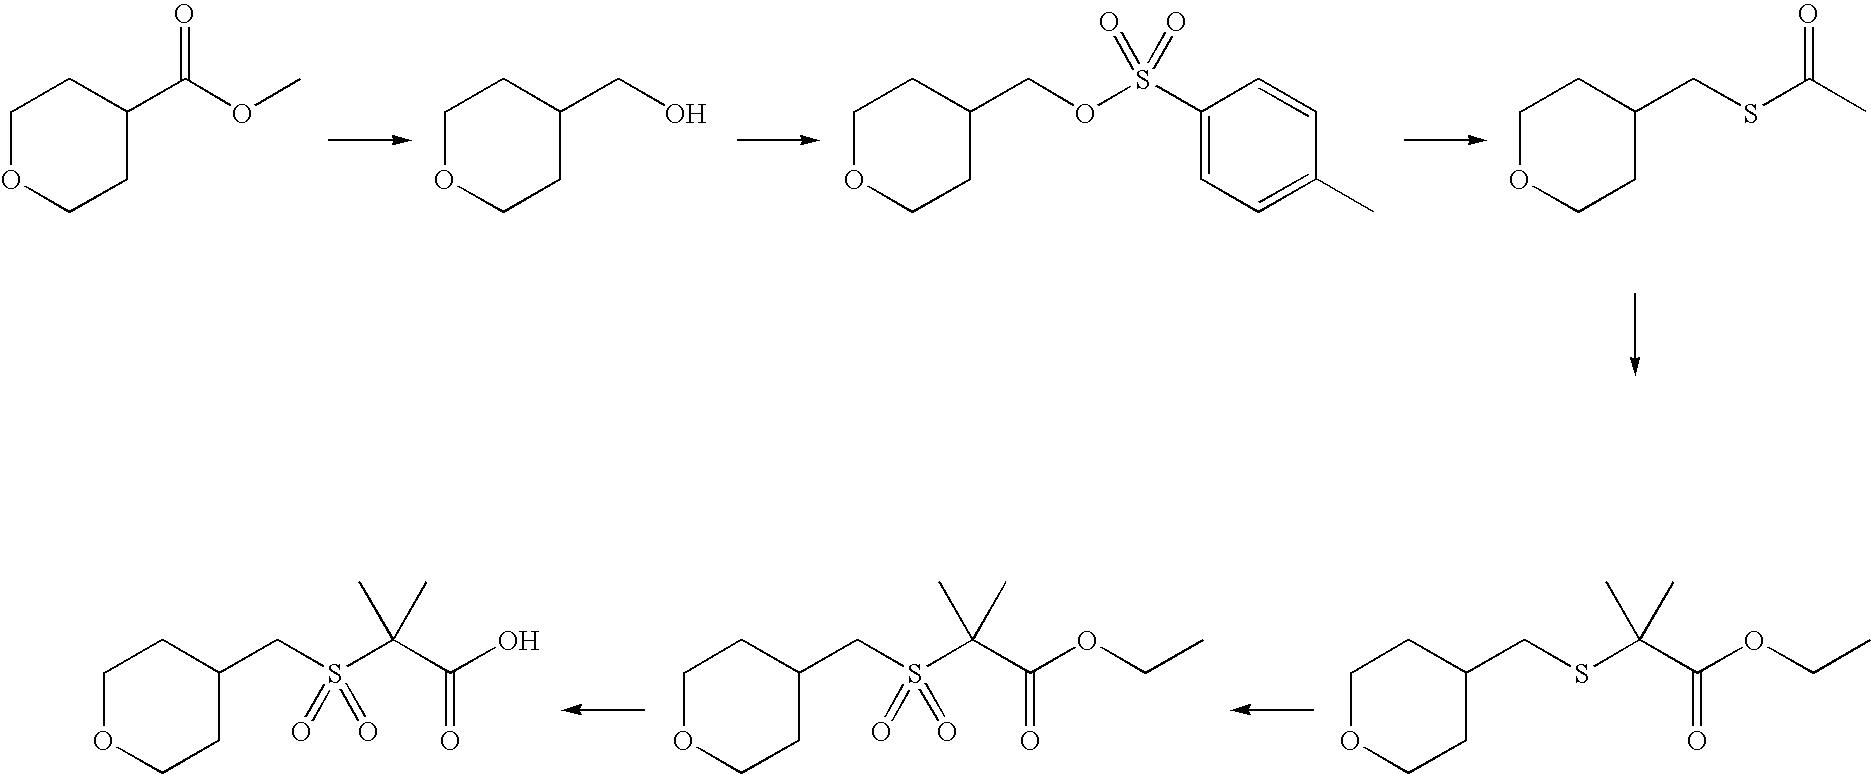 Figure US08372874-20130212-C00221